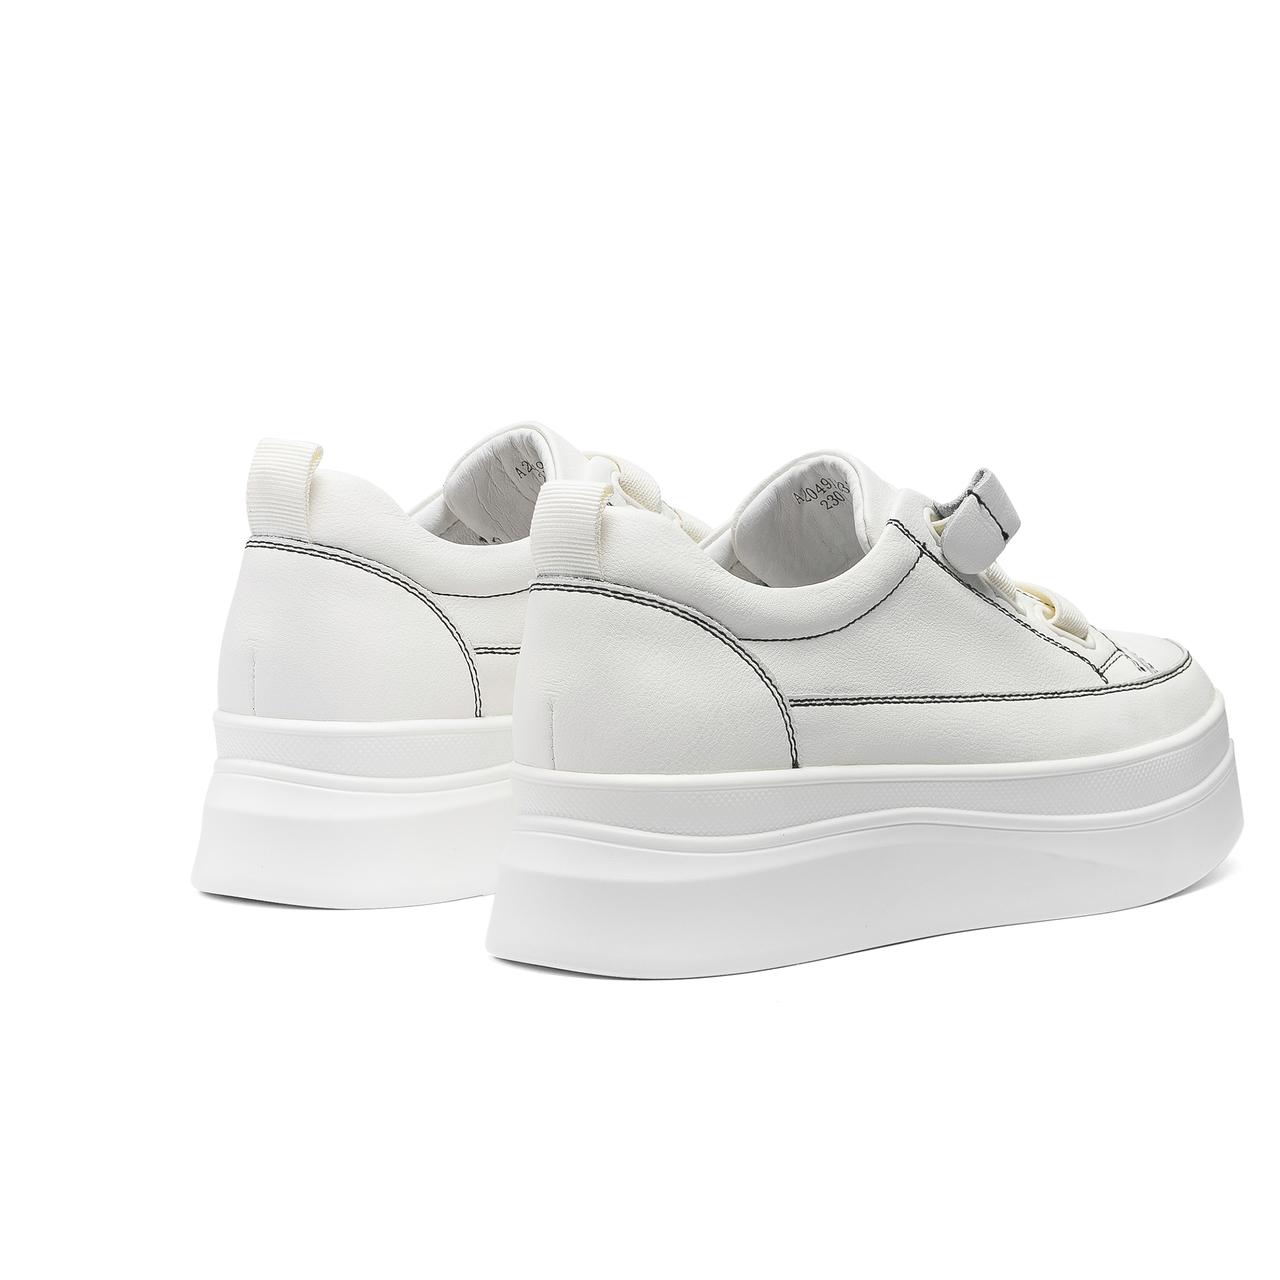 秋季新款松糕底百搭小白鞋增高厚底时尚真皮休闲鞋 2020 千百度女鞋